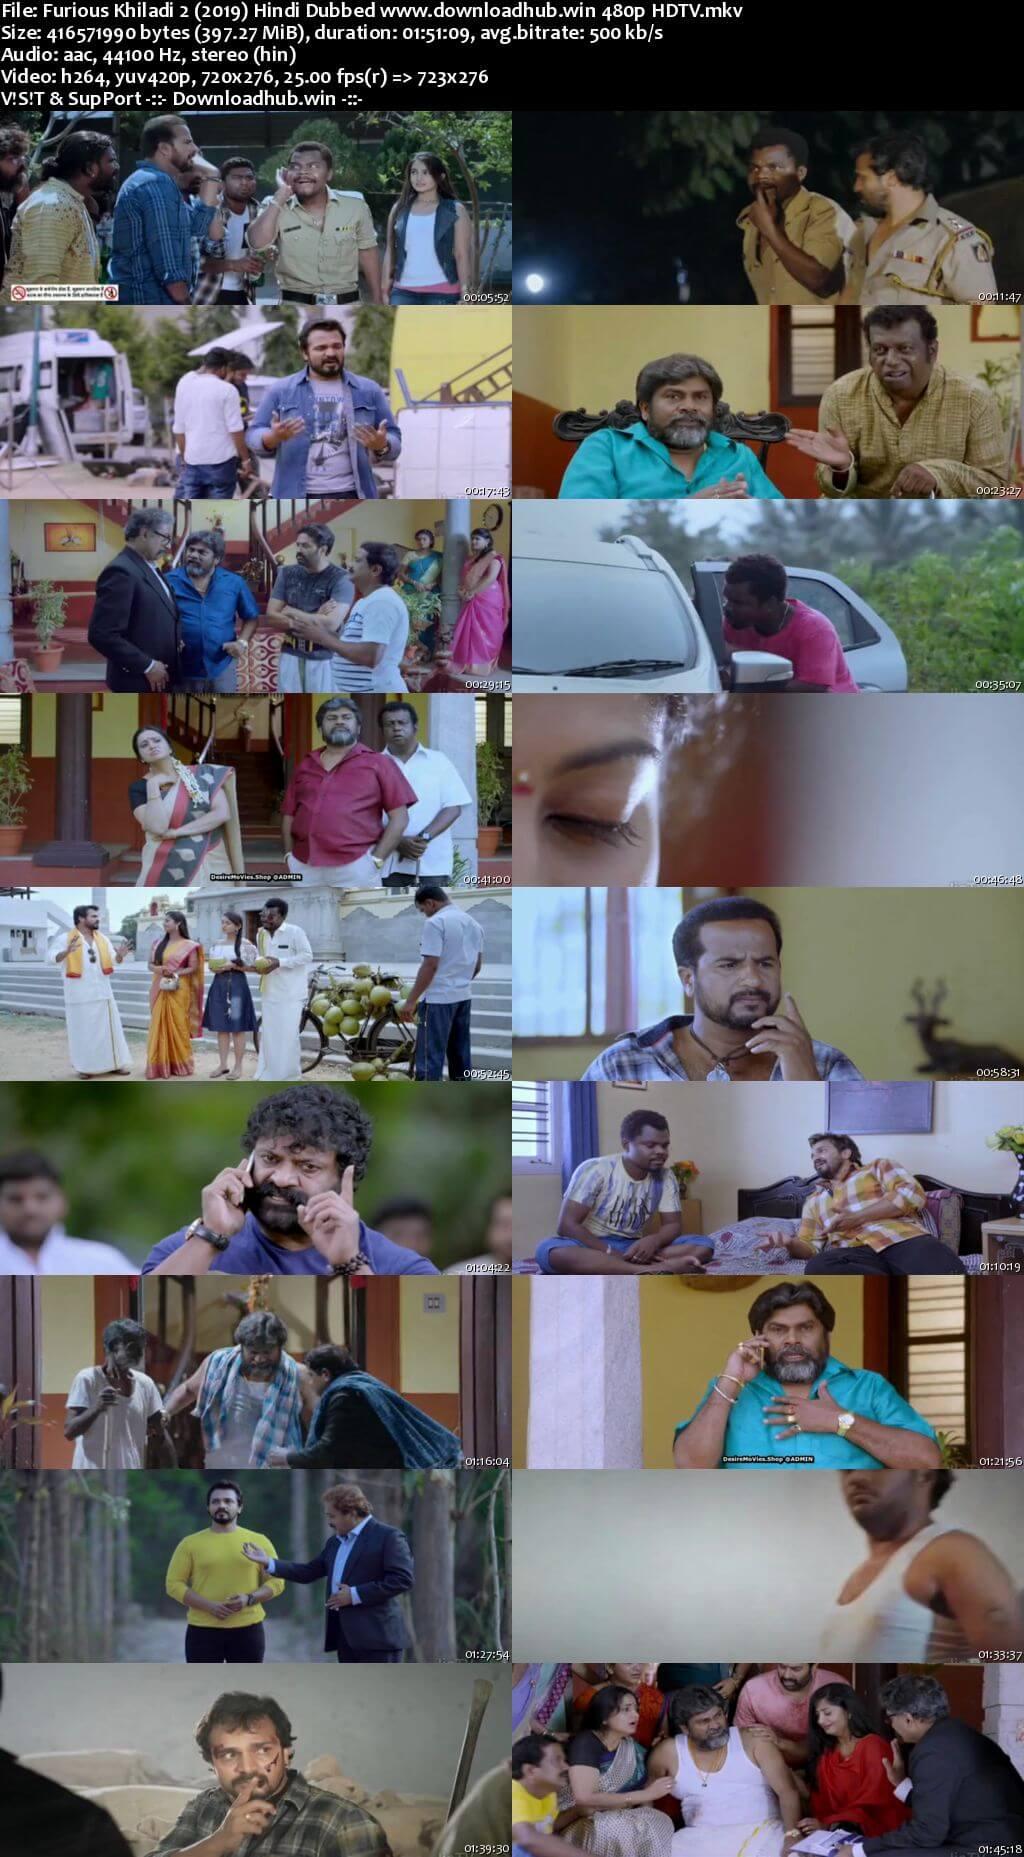 Furious Khiladi 2 2019 Hindi Dubbed 400MB HDTV 480p